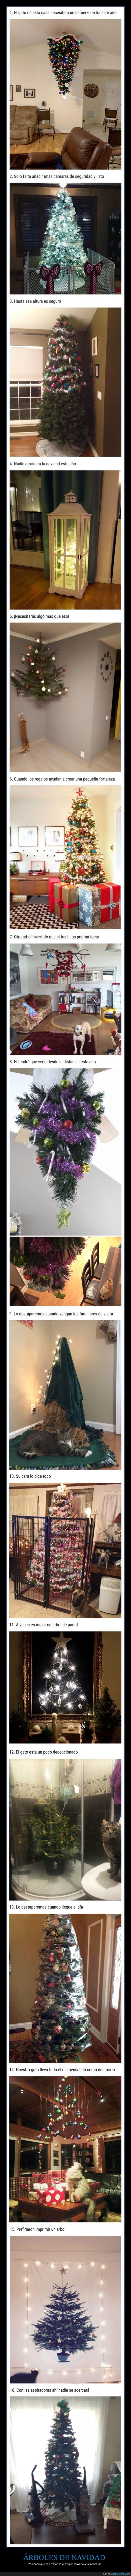 árboles de navidad,mascotas,proteger